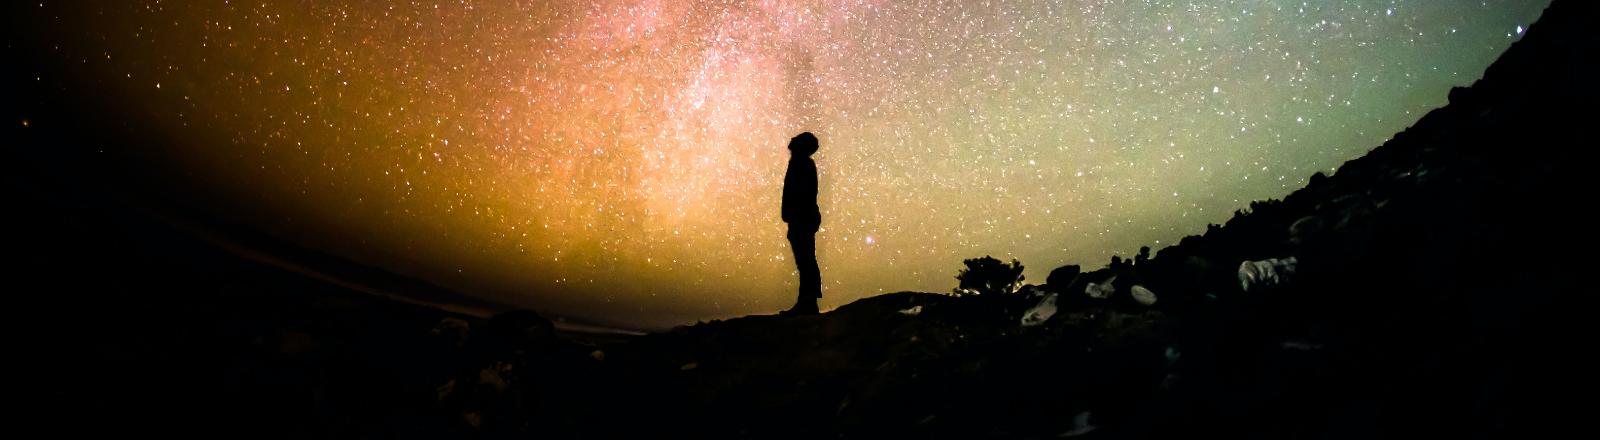 Eine Person schaut in den Sternenhimmel.